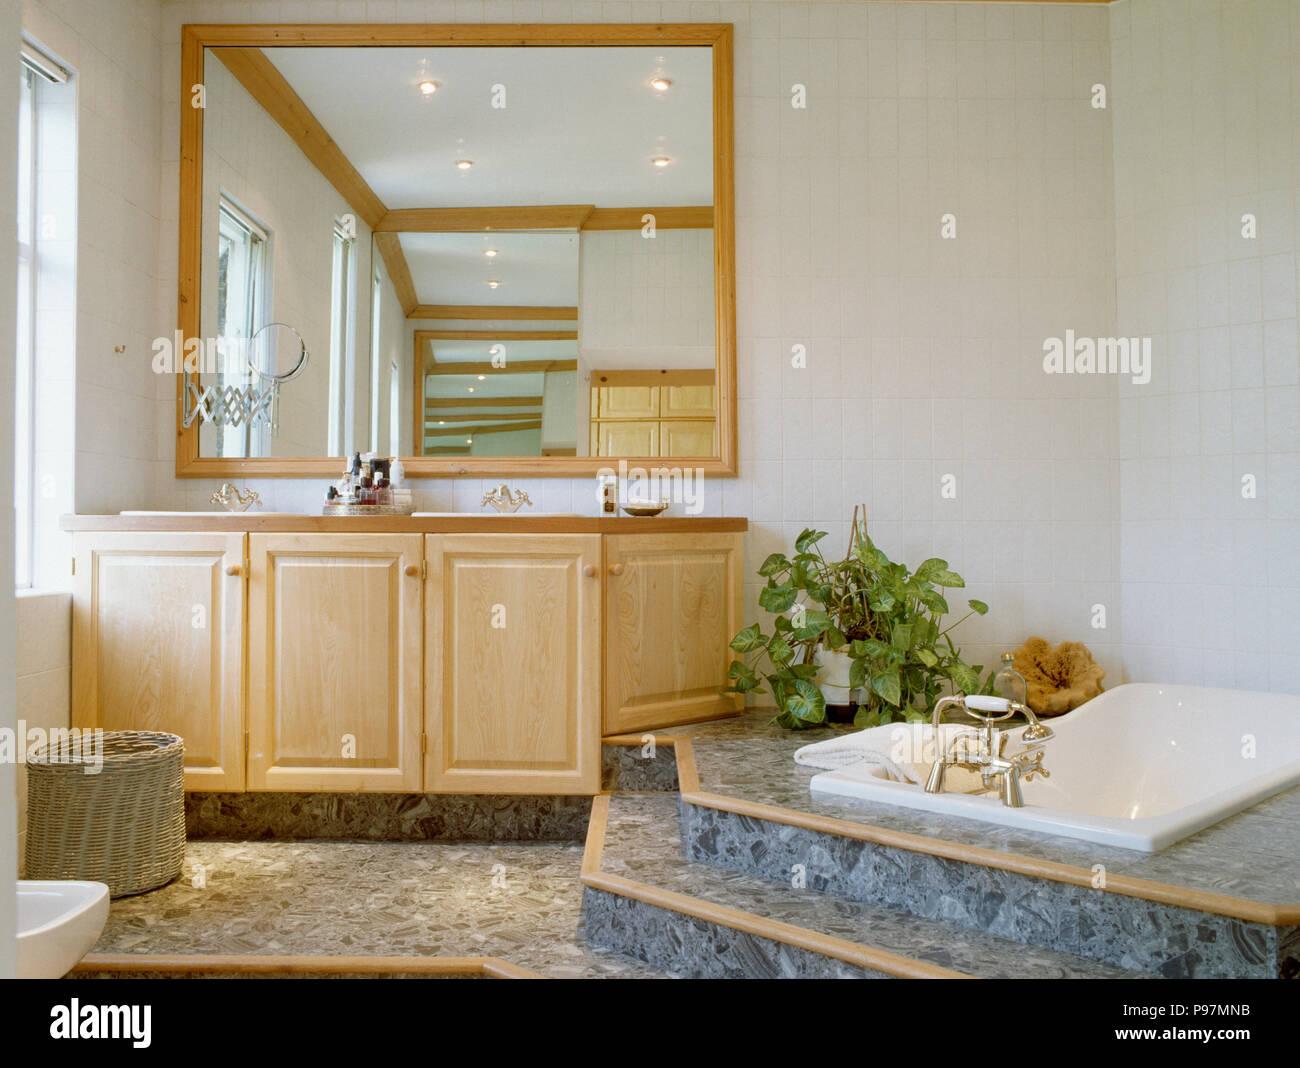 Grand miroir en bois clair au-dessus de l\'unité de vanité de salle ...